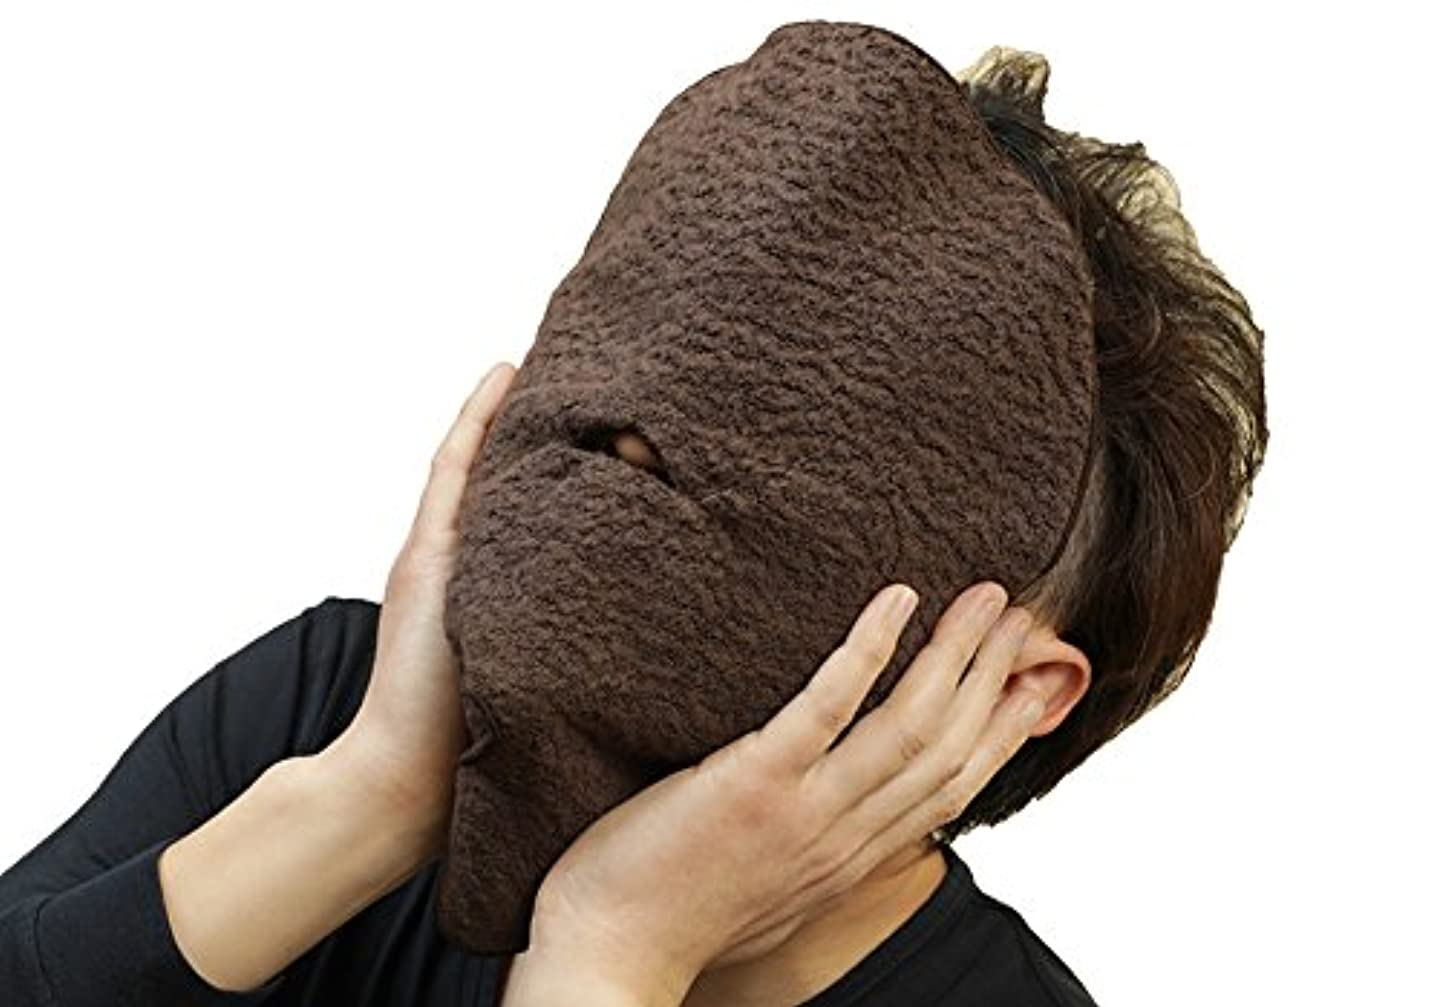 ドアダム評価今治タオルのフェイスマスク 蒸美人(じょうびじん)5分でストレス解消?タオルパック?保湿?引き締め (ブラウン)